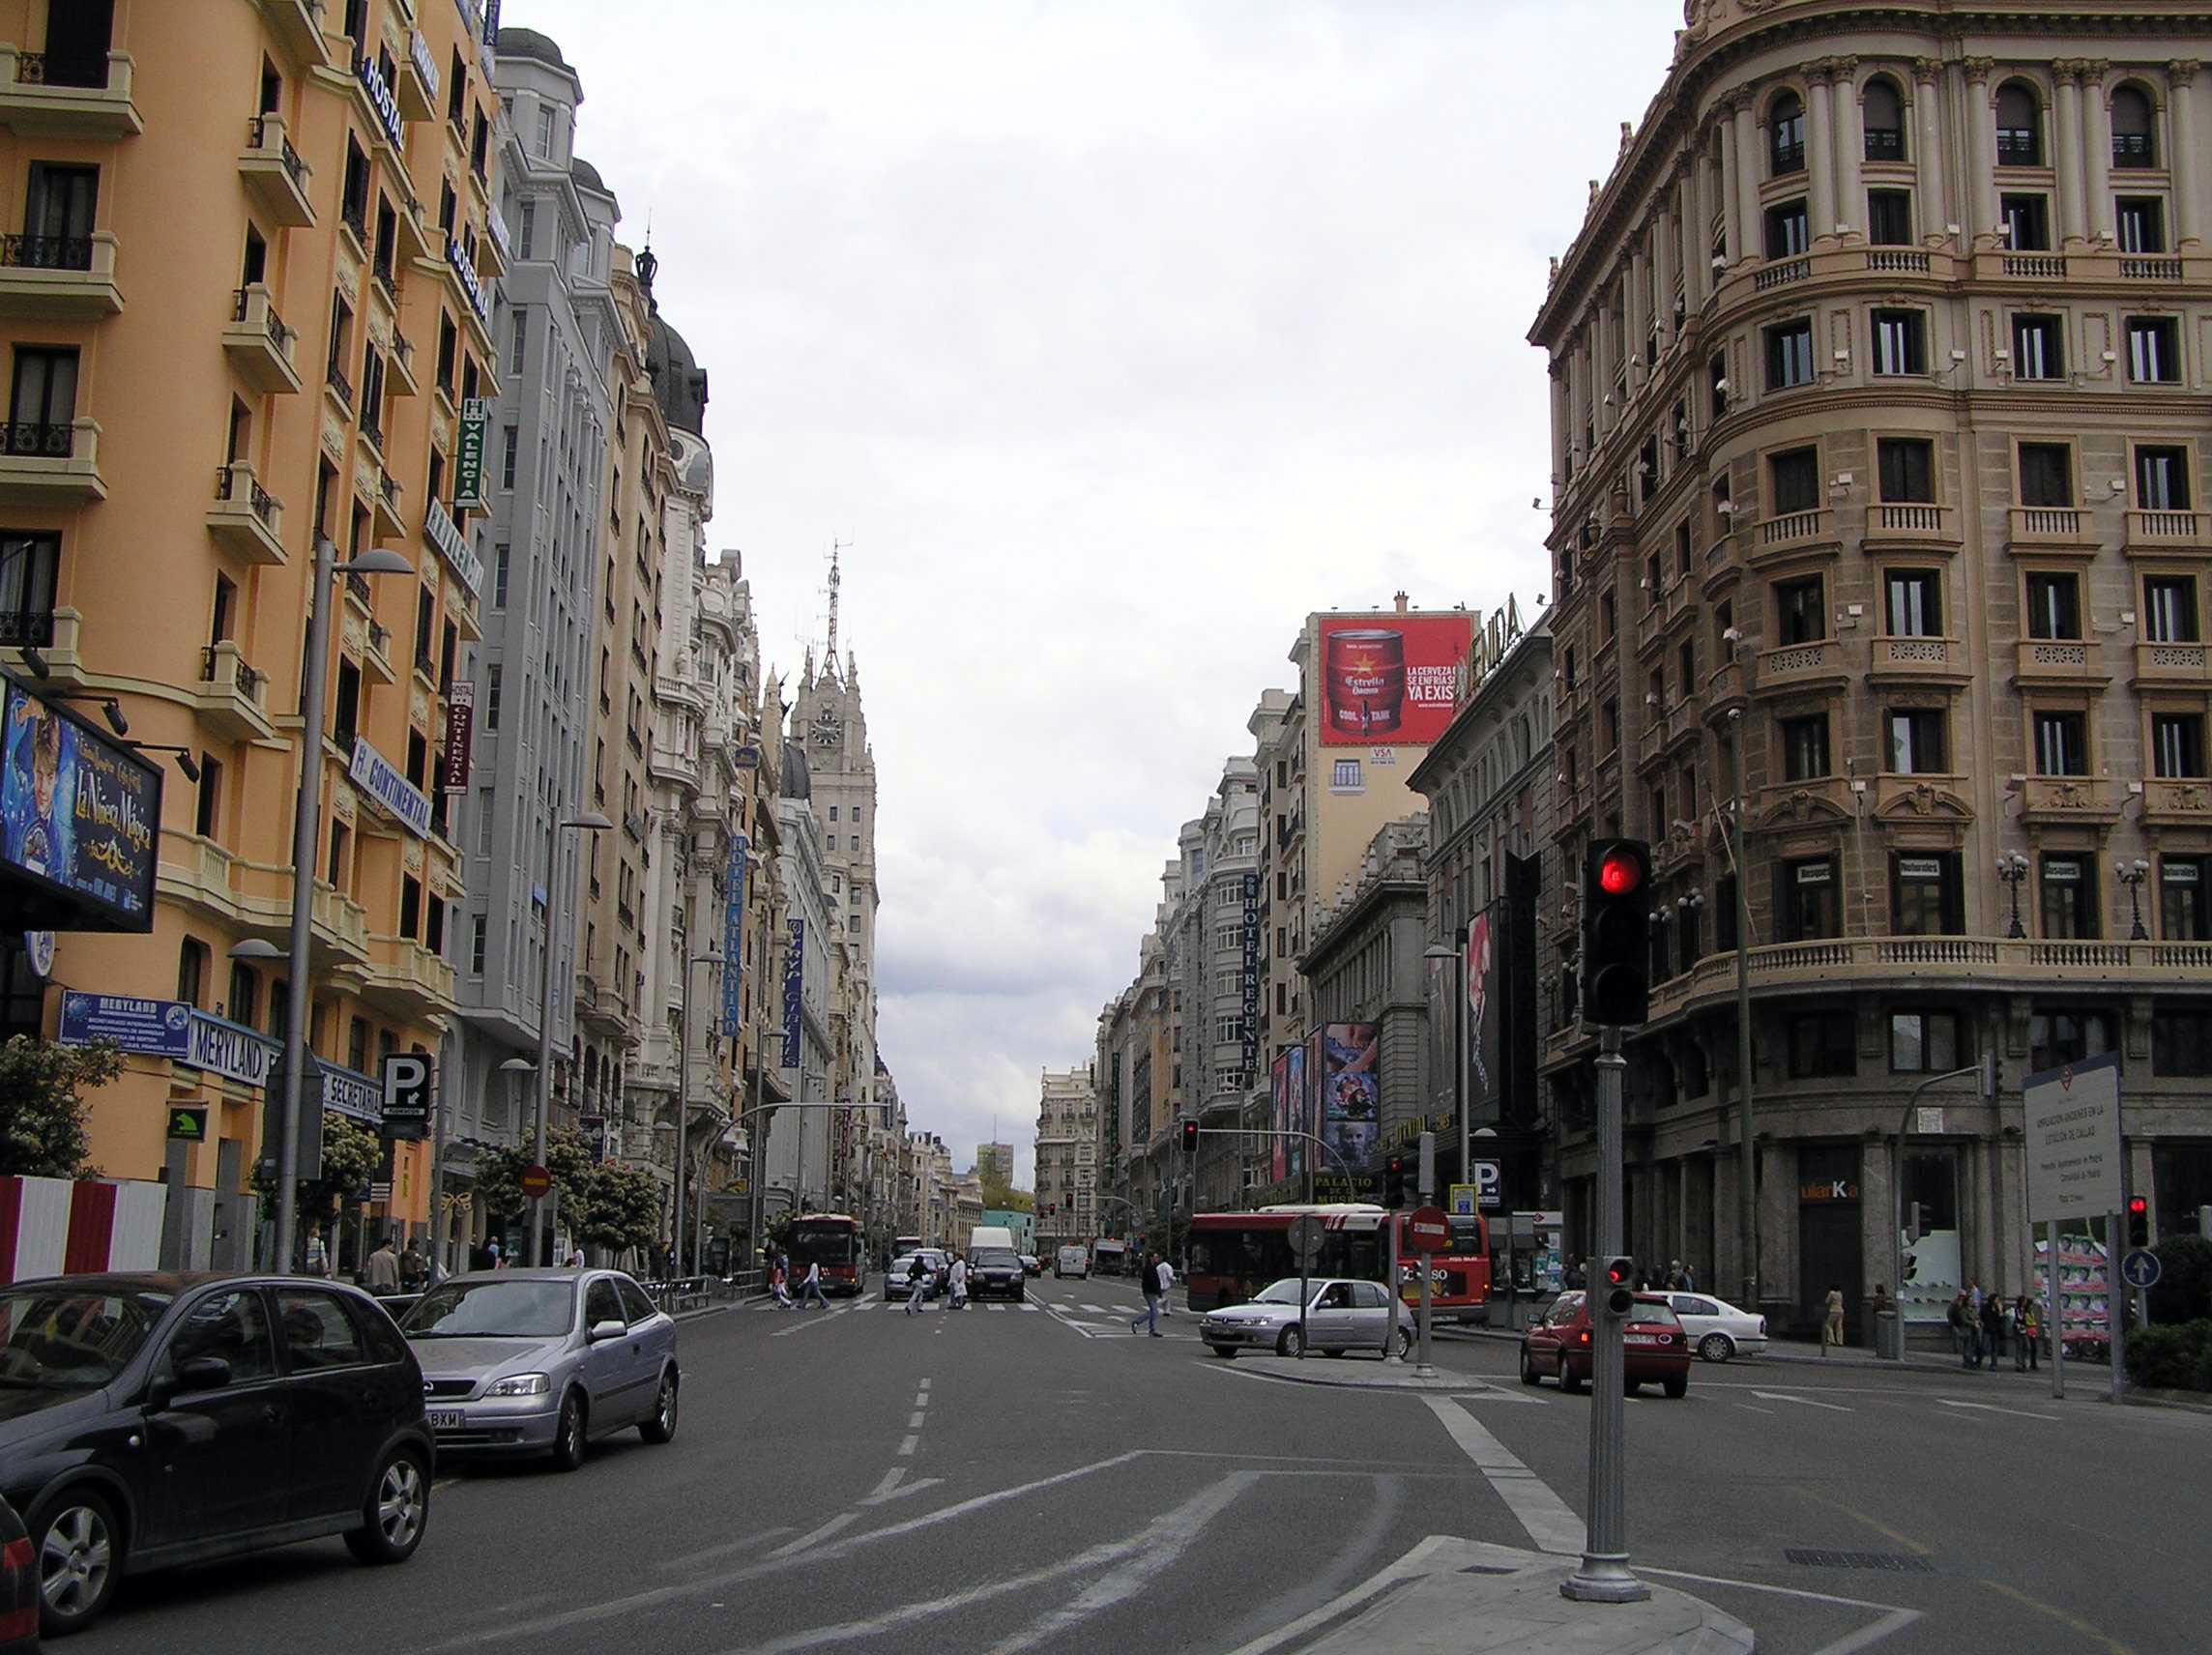 Gran v a madrid portal fuenterrebollo for Calle prado jerez madrid